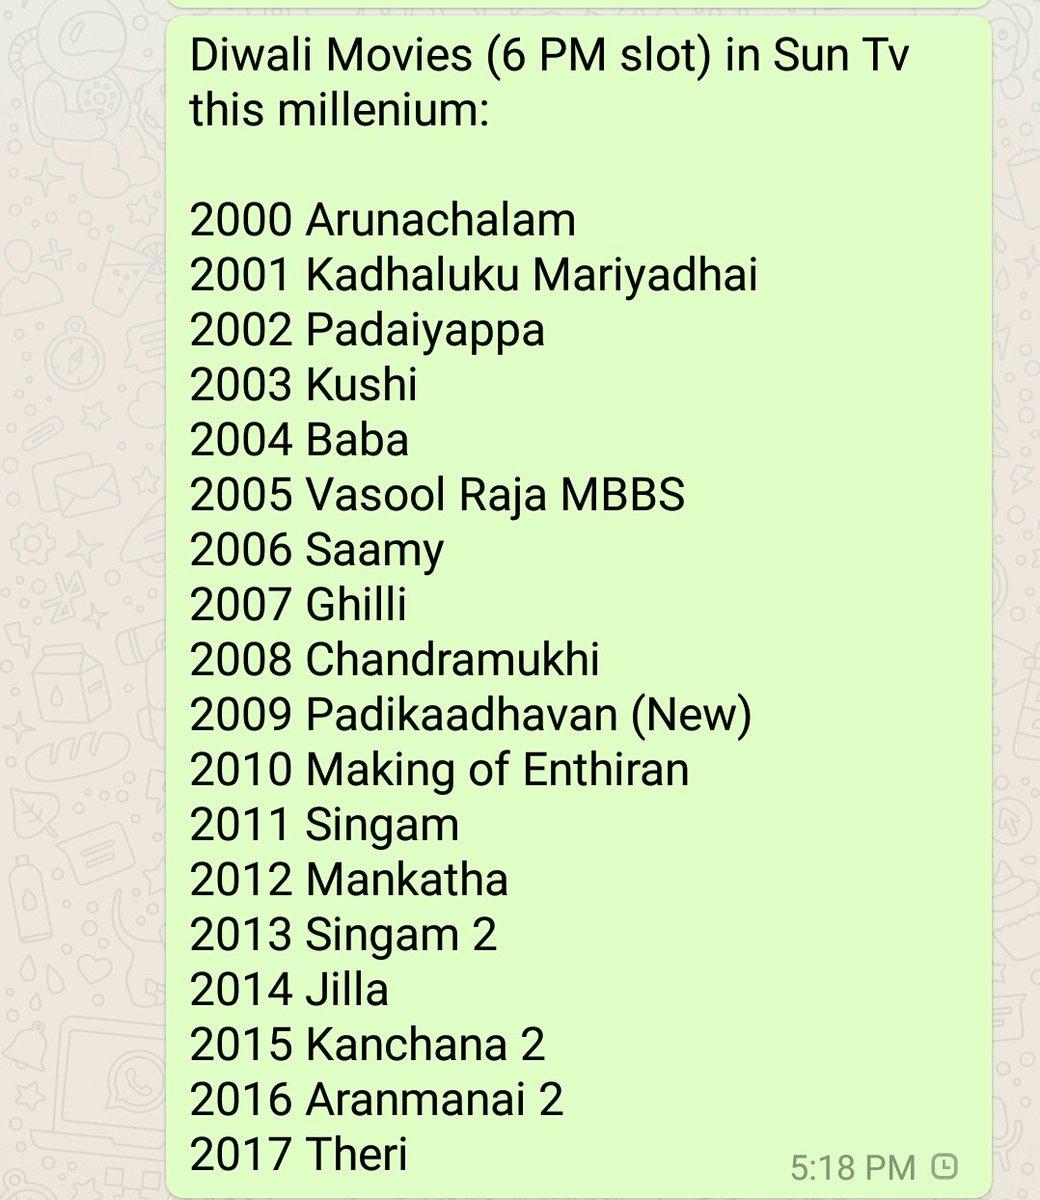 Ajay Srinivasan on Twitter: